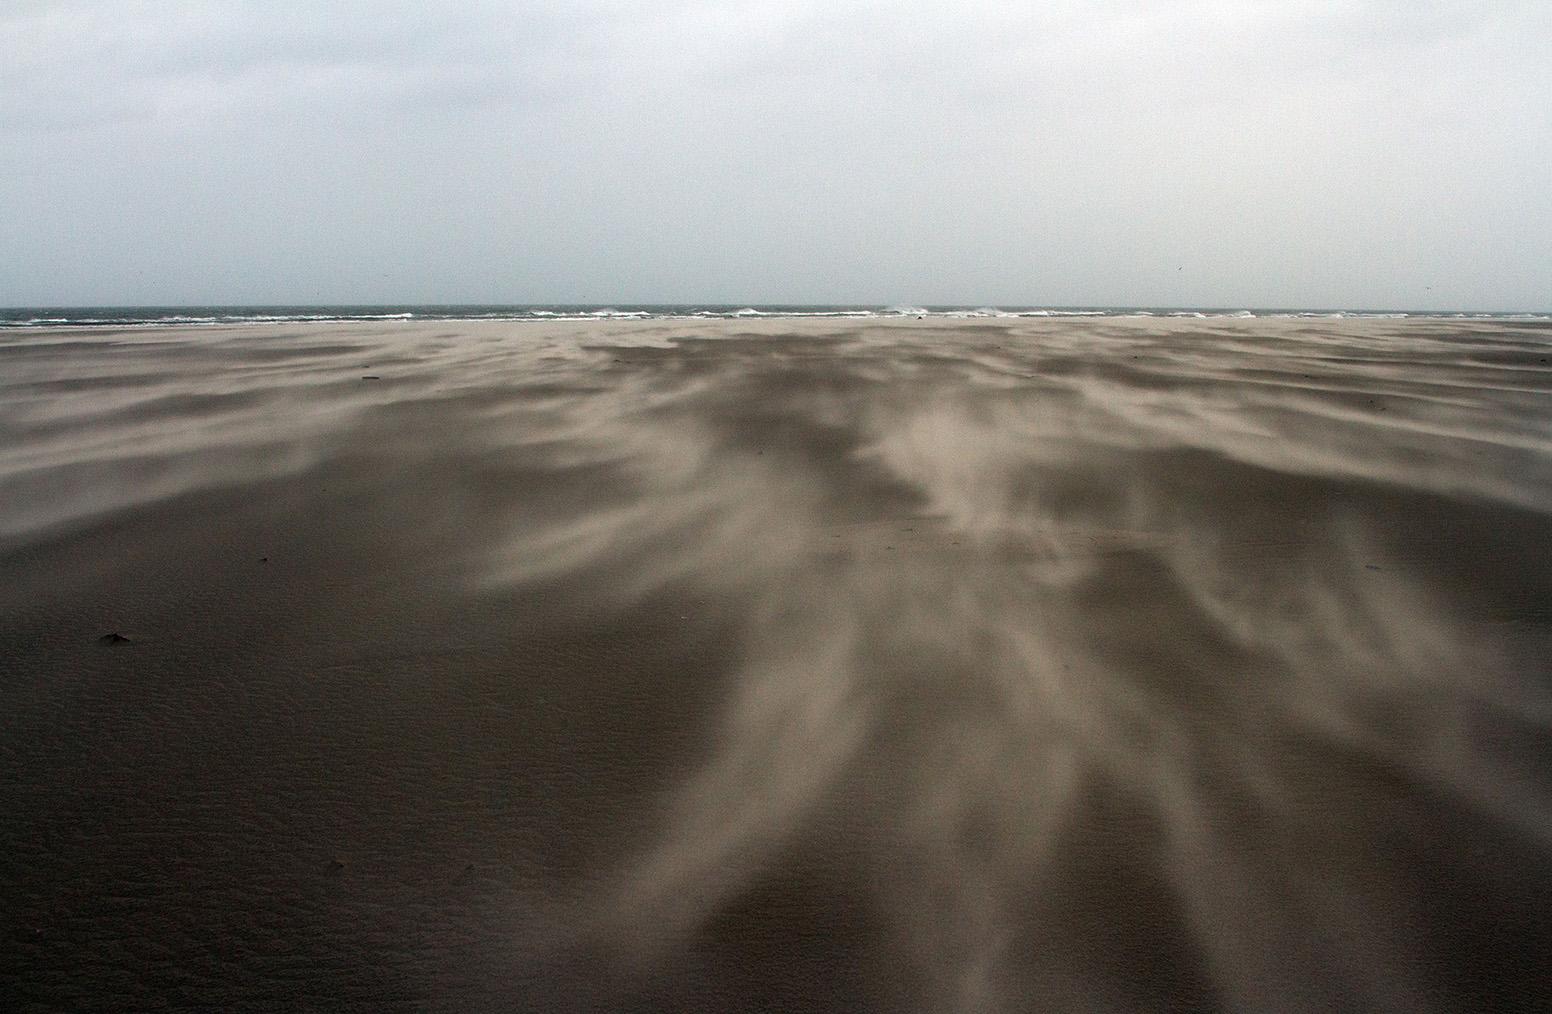 Spookachtige figuren werden door de wind als tongen over het natte zand geblazen - Foto: ©Anja Arentzen